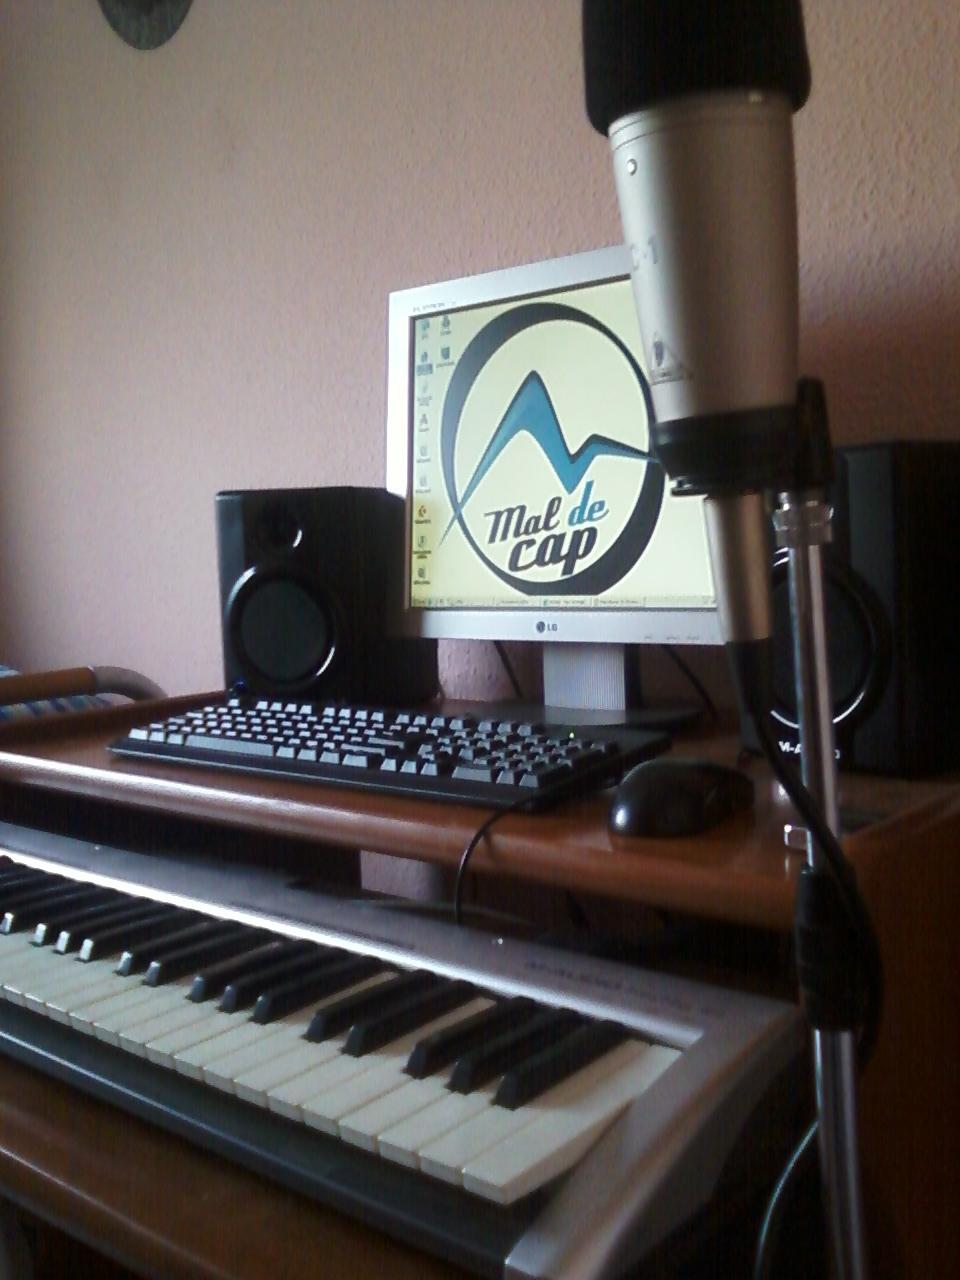 MaldeCap Studio